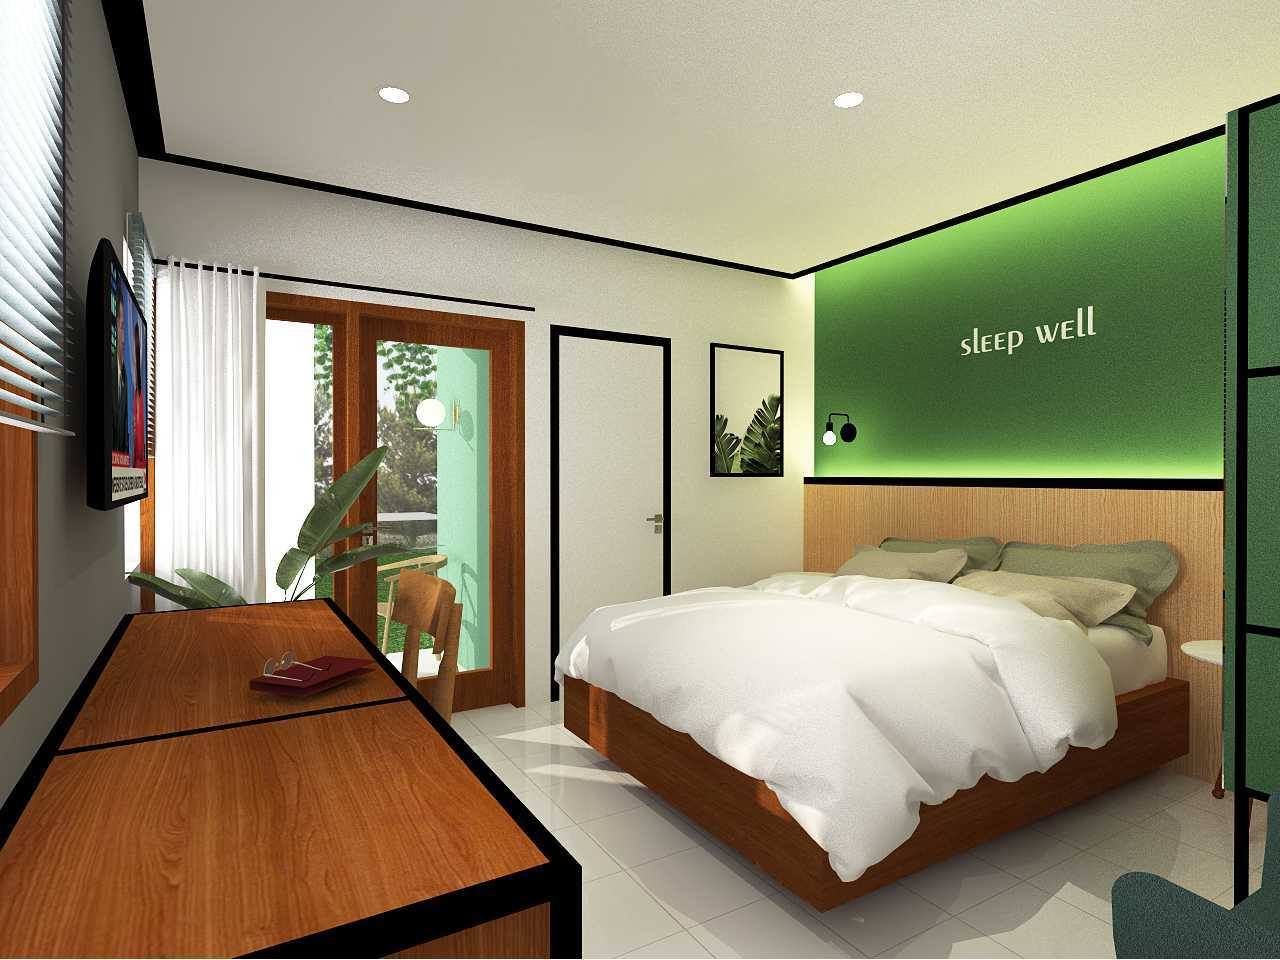 Sekala Panorama Inn Guesthouse Batu, Kec. Batu, Kota Batu, Jawa Timur, Indonesia Batu, Kec. Batu, Kota Batu, Jawa Timur, Indonesia Sekala-Panorama-Inn-Guesthouse Modern 74500